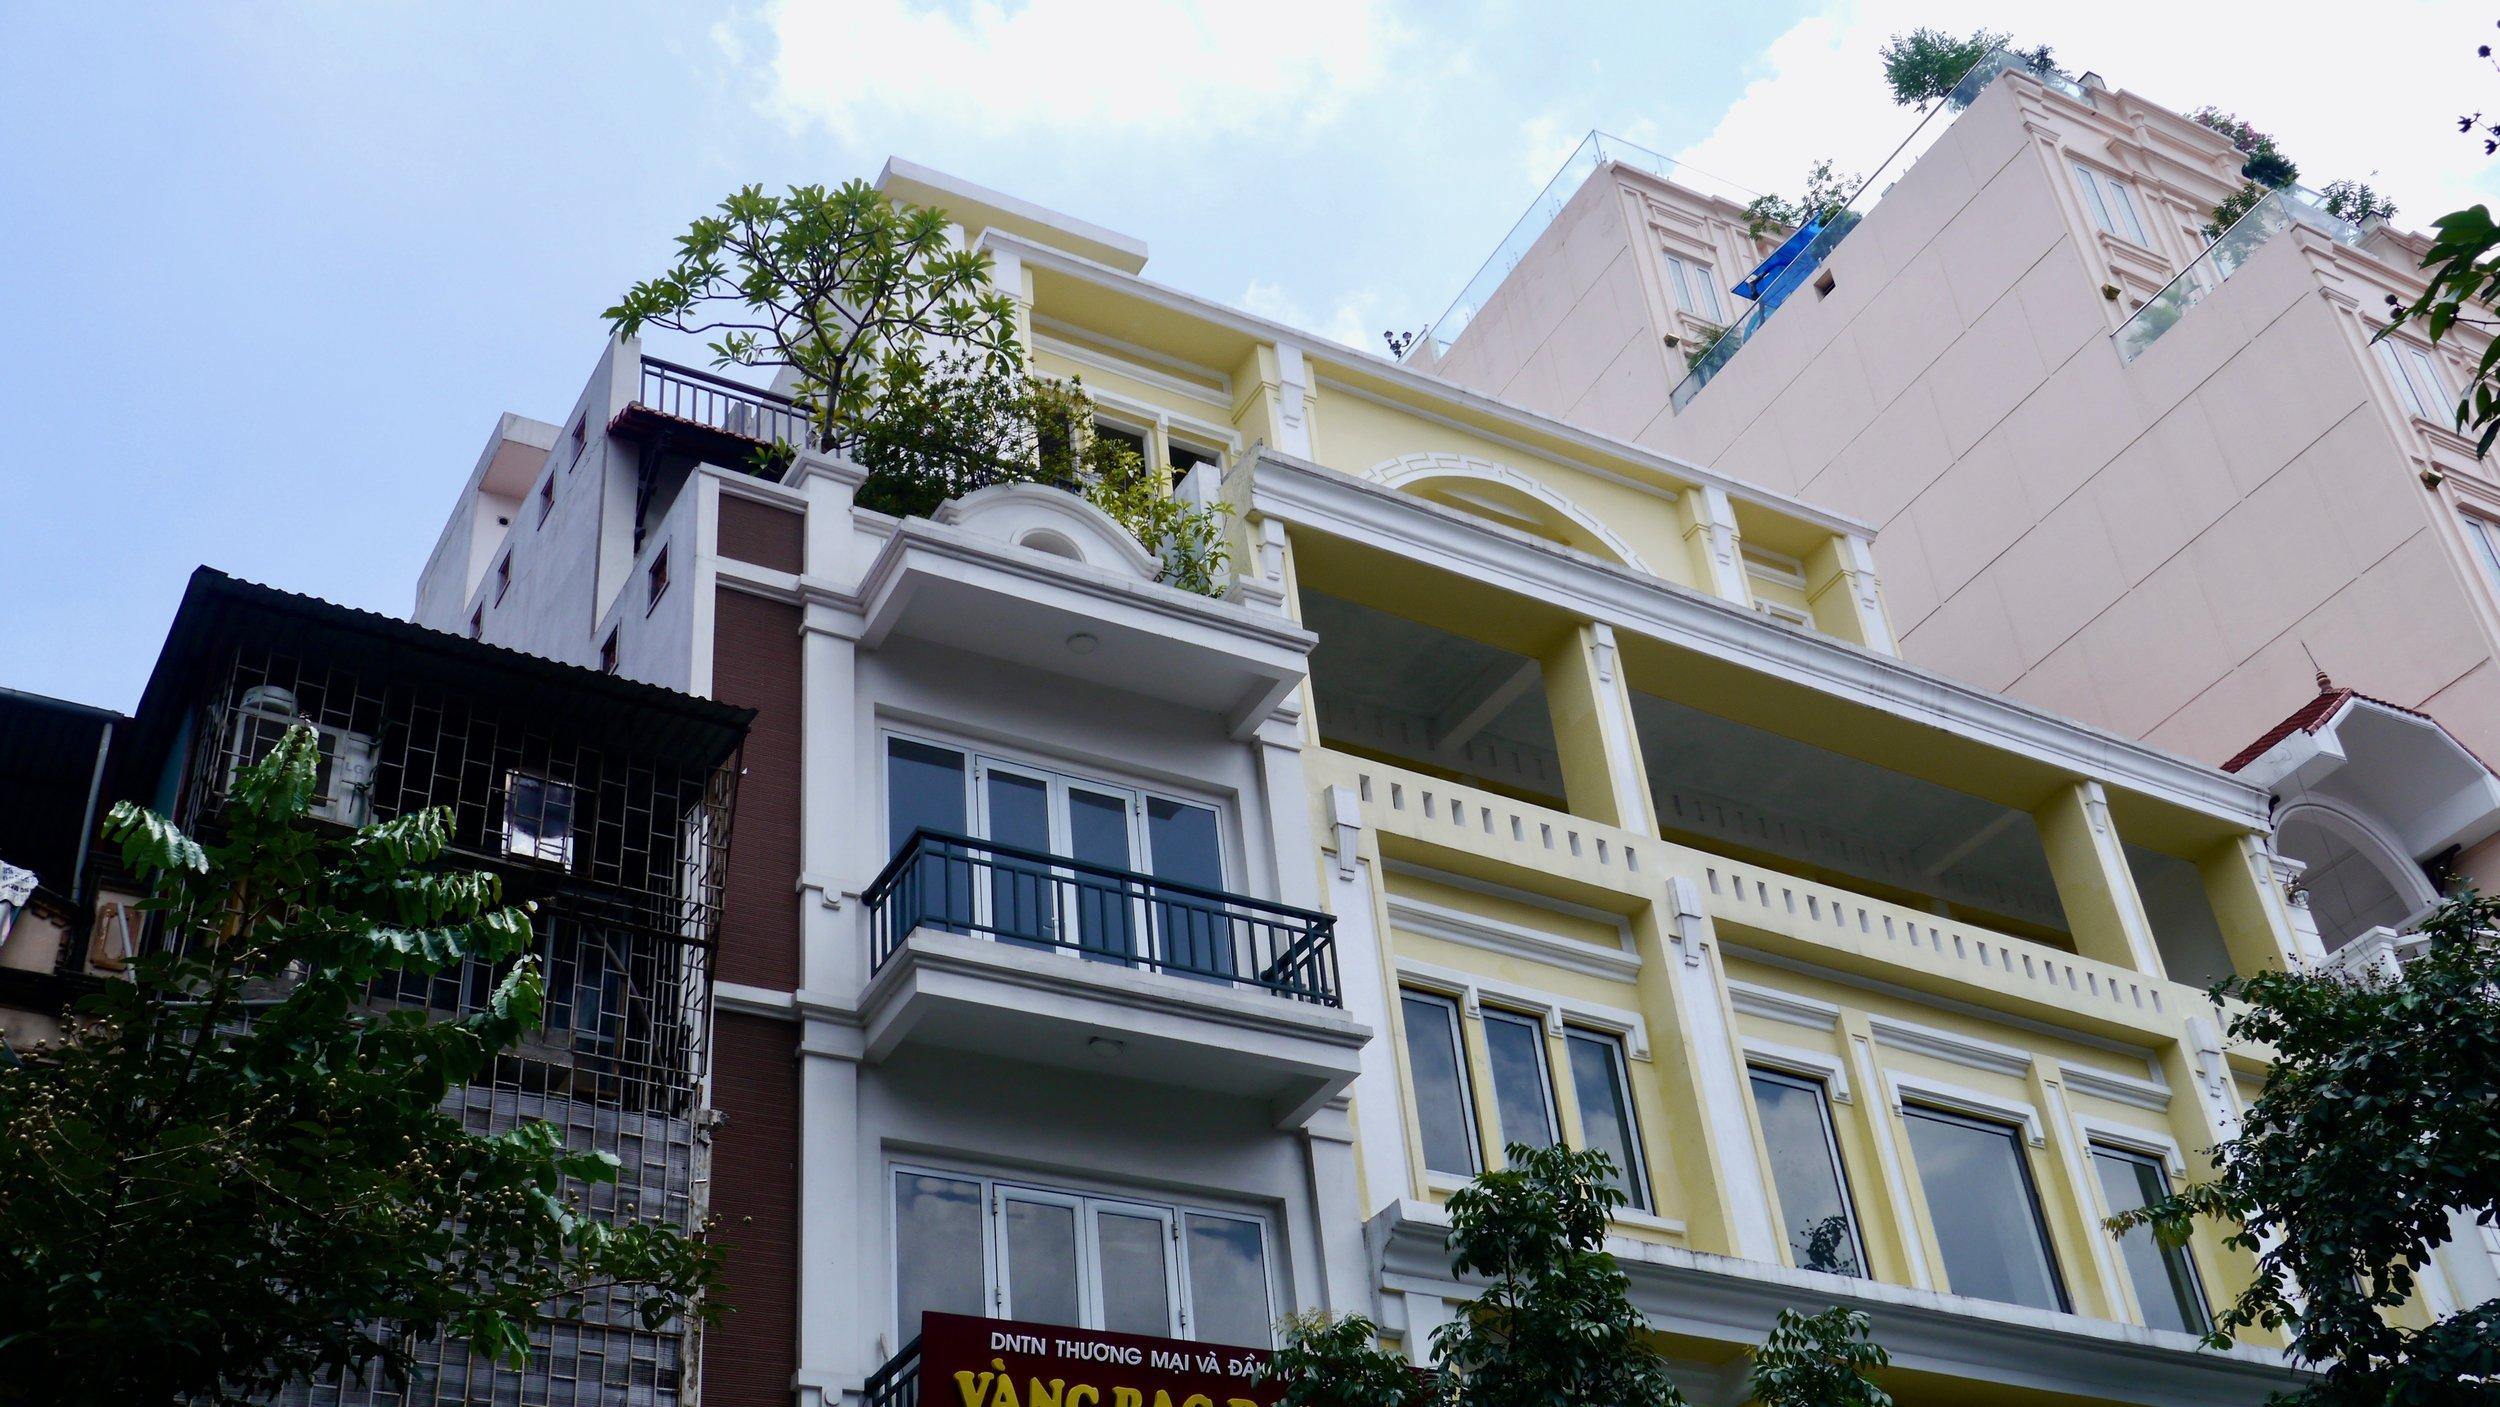 New Housing around Hoan Kiem Lake, Hanoi